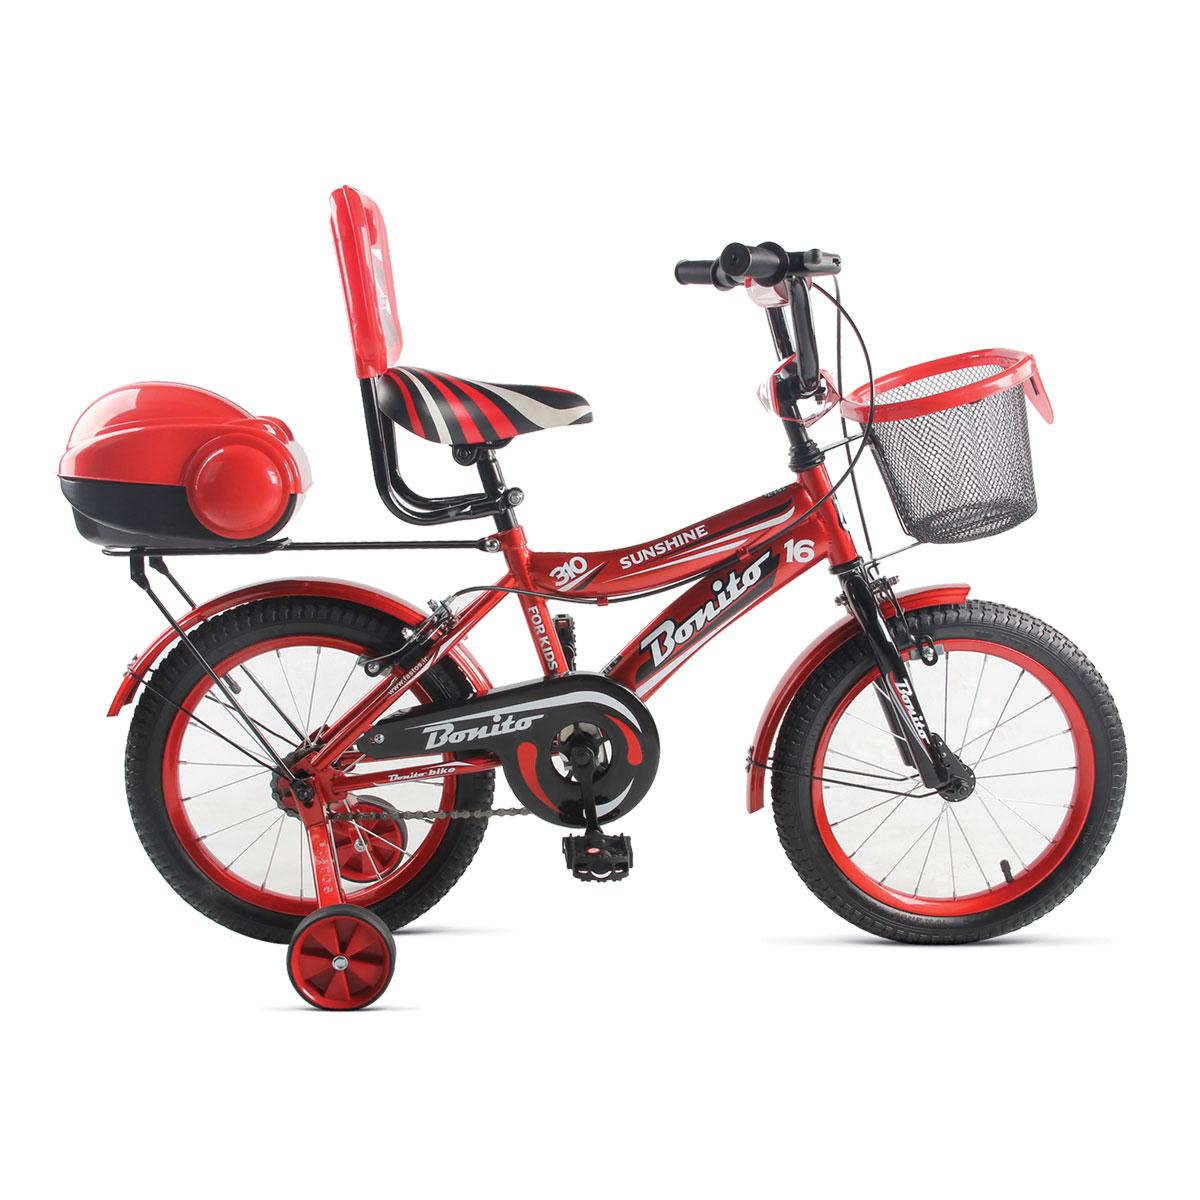 دوچرخه بچه گانه بونیتو BONITO-مدل 310-سایز 16